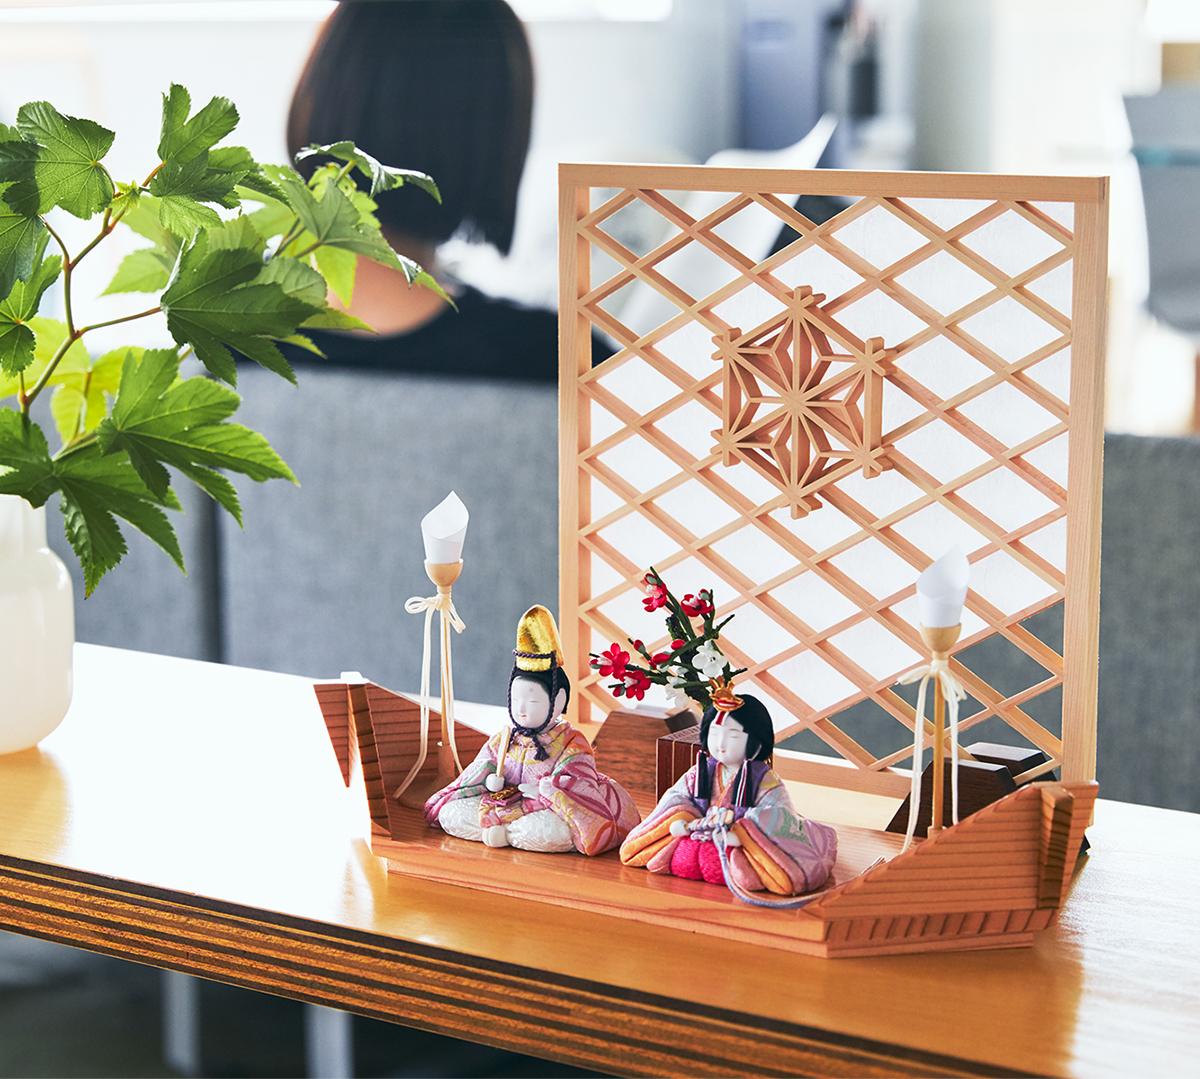 日本の伝統工芸が結集した、江戸木目込のプレミアム雛人形|柿沼東光(経済産業大臣認定伝統工芸士)× 大沼 敦(工業デザイナー)によるモダンな雛人形